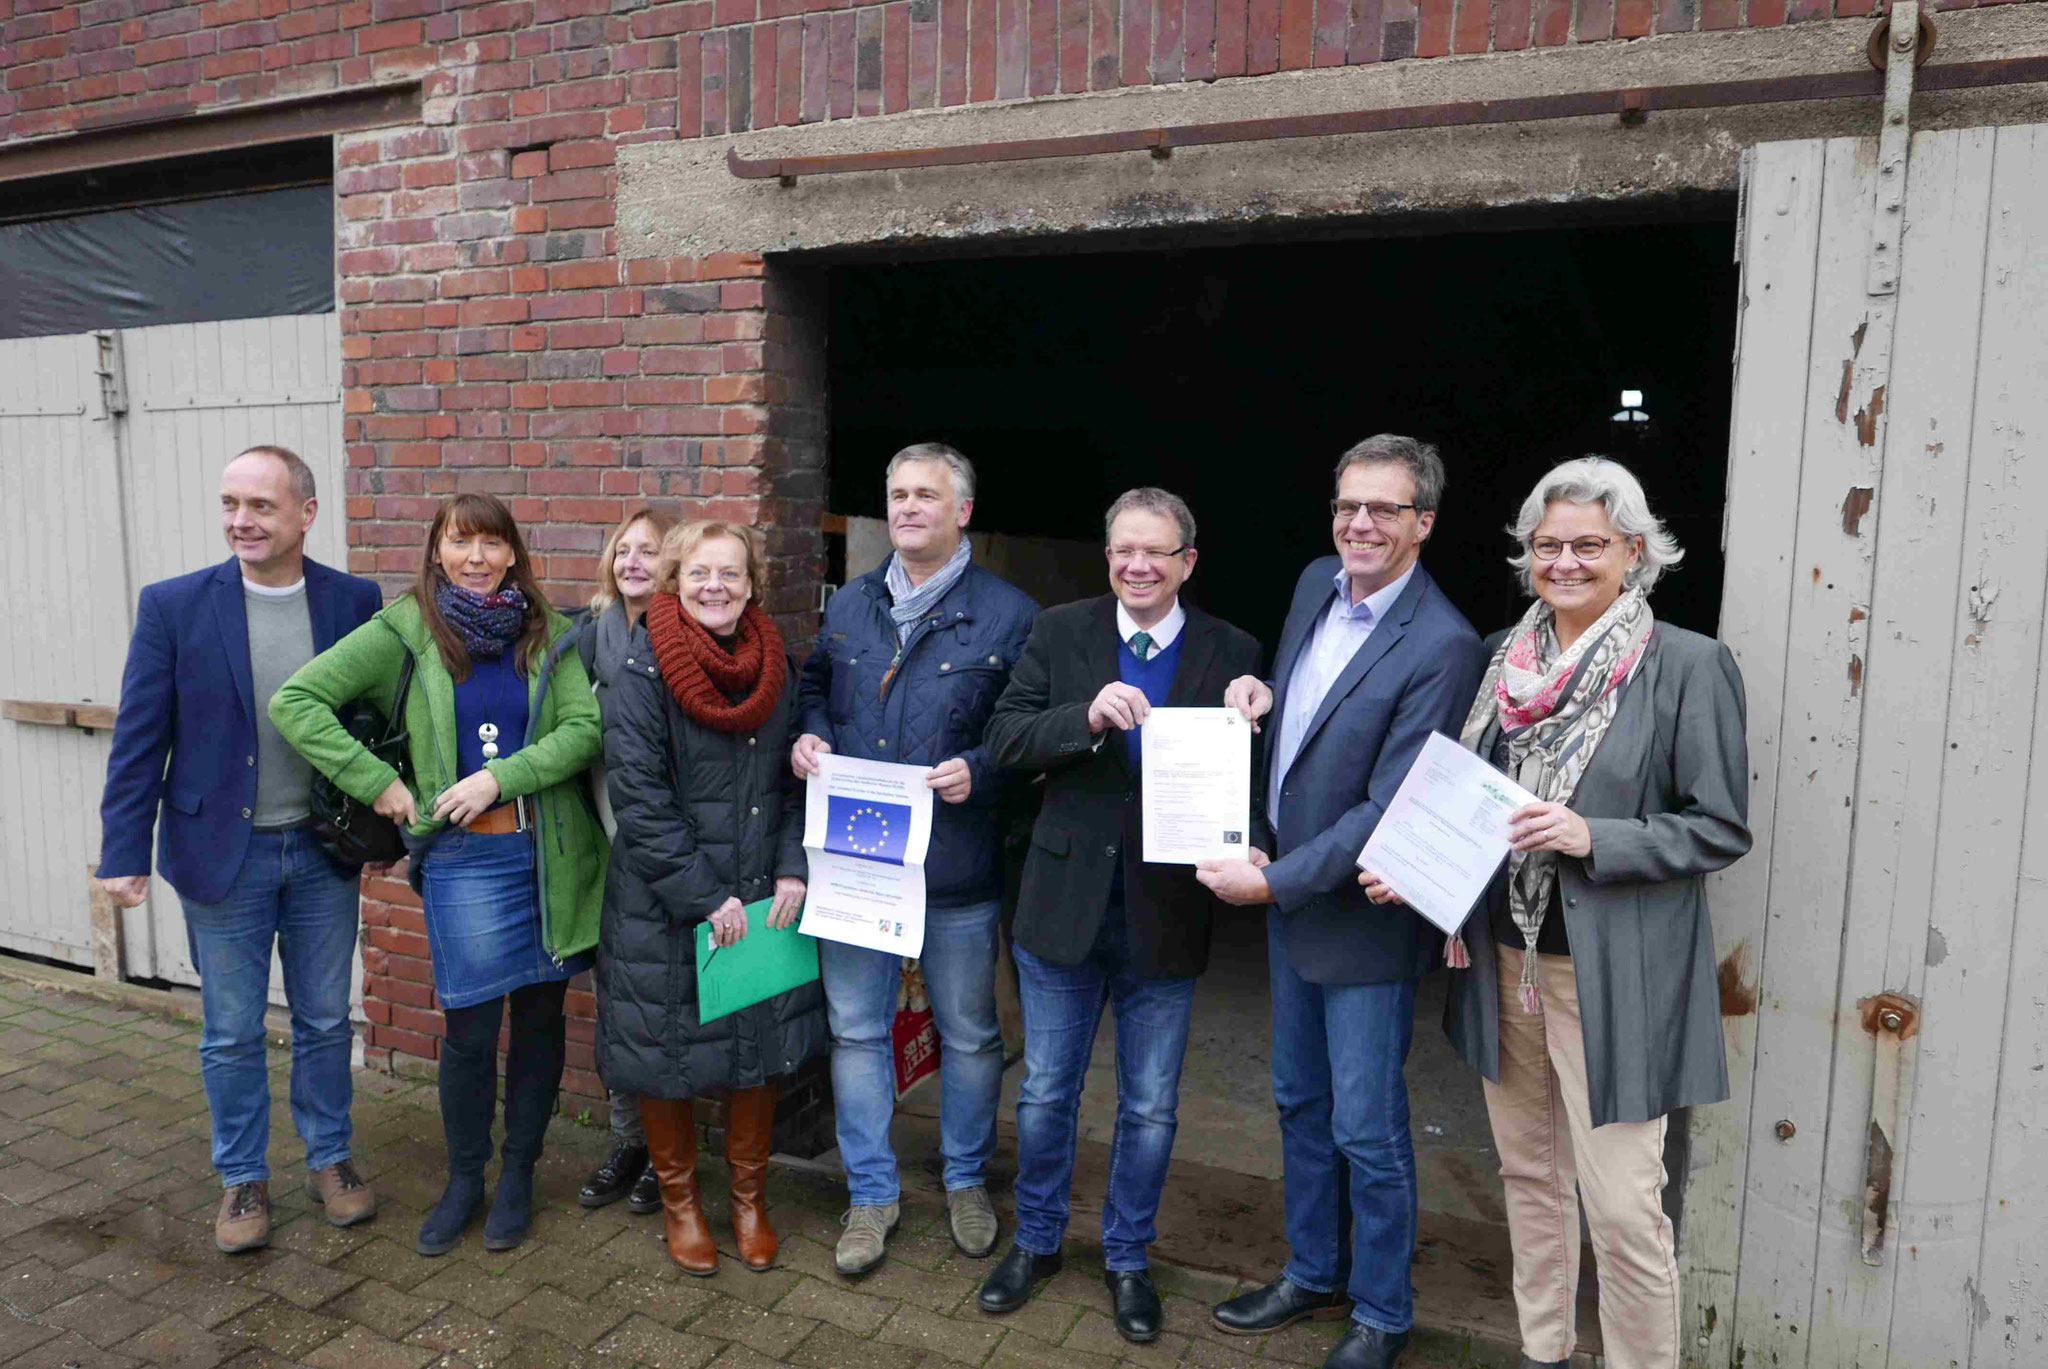 Martin Althoff (2.v.r.) nahm den Bewilligungsbescheid für die LEADER-Förderung des Baus eines Multifunktionsraums auf dem Alten Hof Schoppmann von Annette Hülsmann (4.v.l.) von der Bezirksregierung Münster entgegen. Foto: projaegt